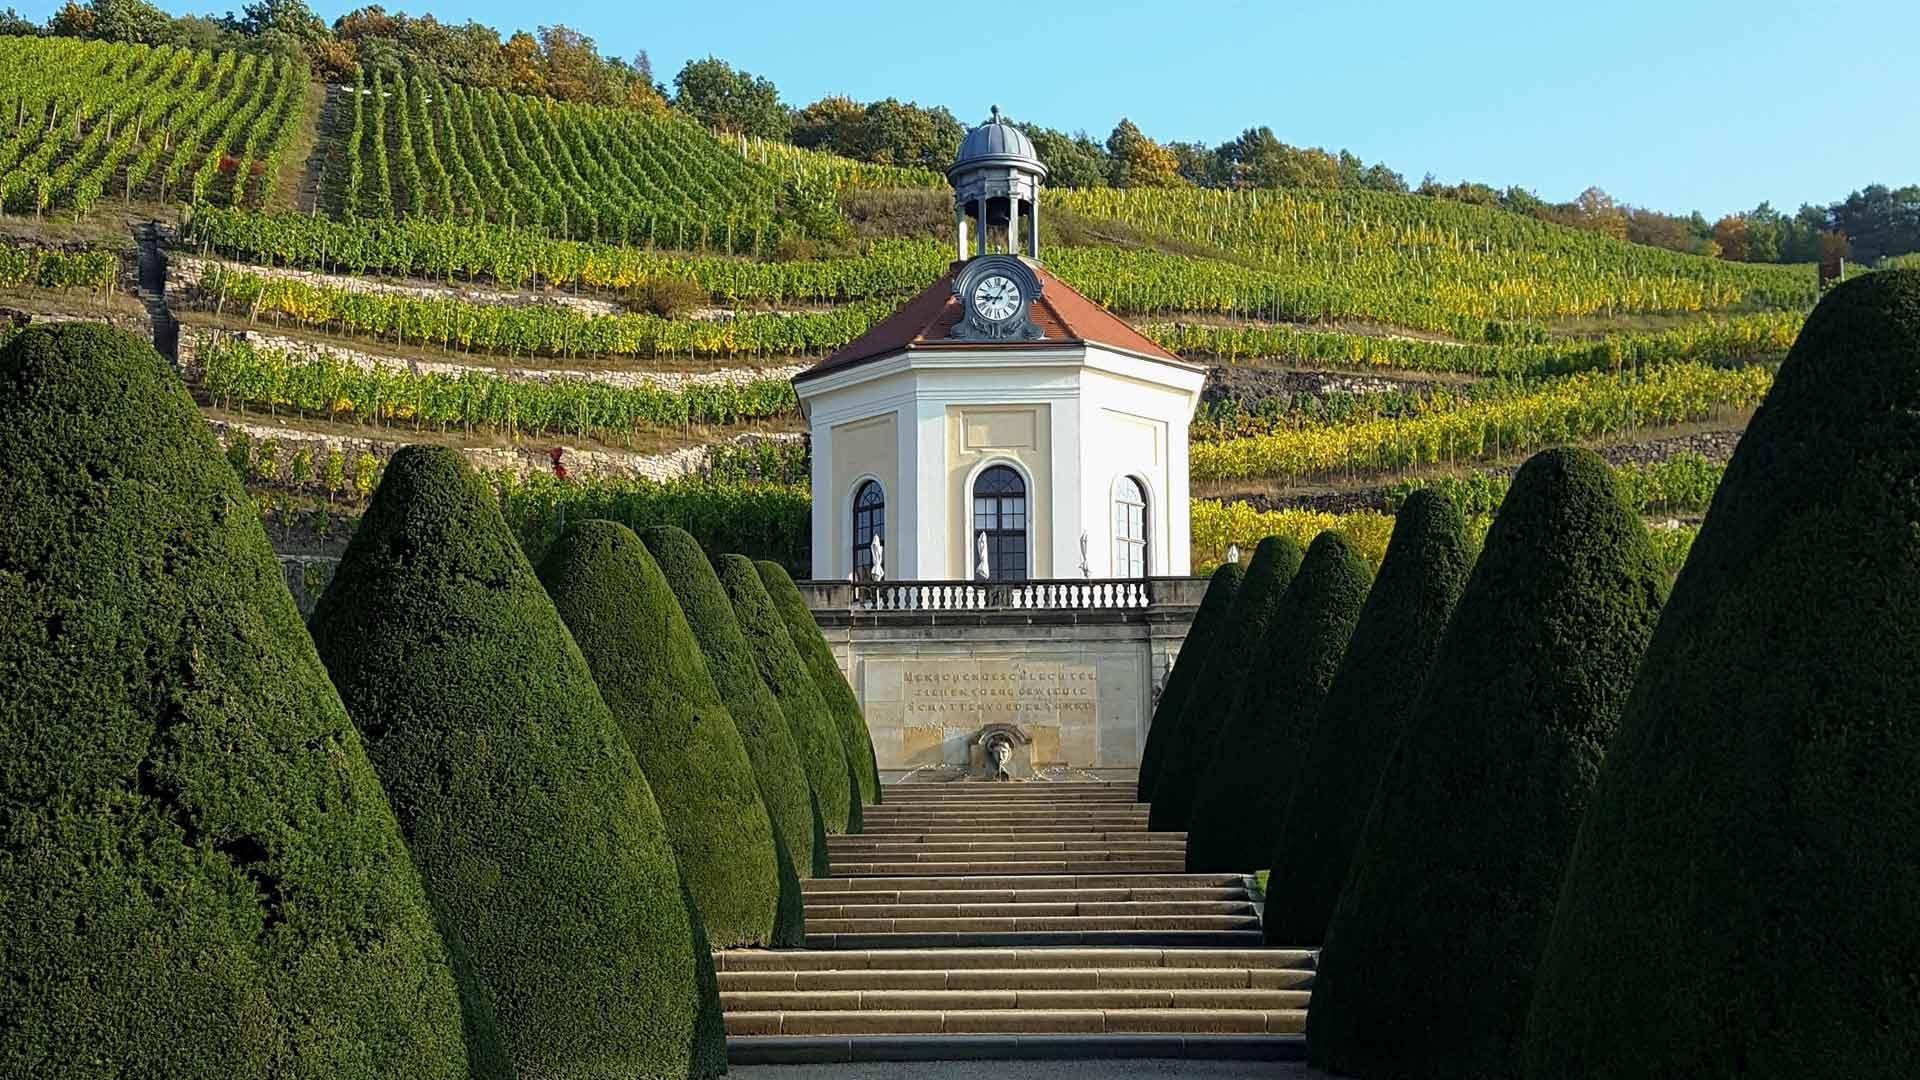 Schloss Wackerbart in Radebeul ligt midden tussen de wijnbergen.